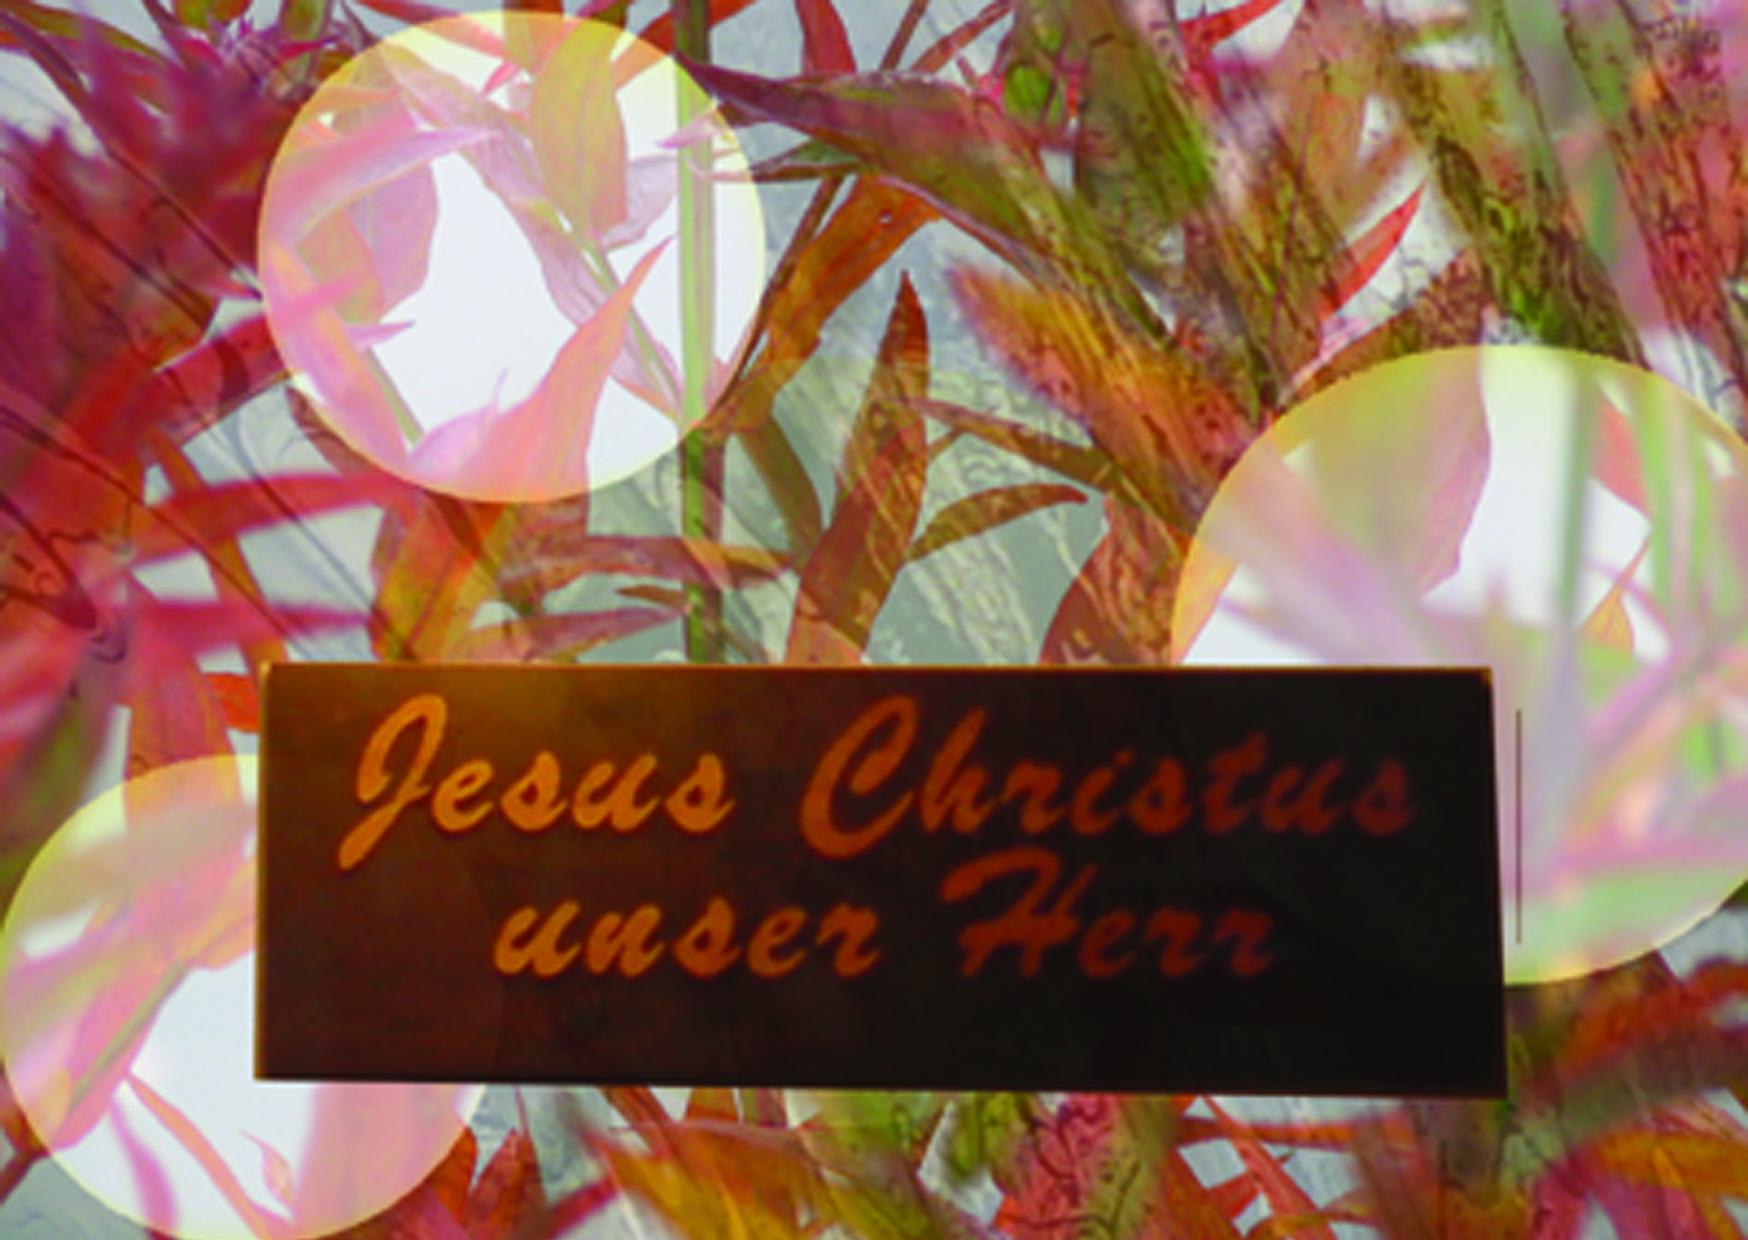 Jesus Christus - unser Herr- Christine Danzer -go4jesus